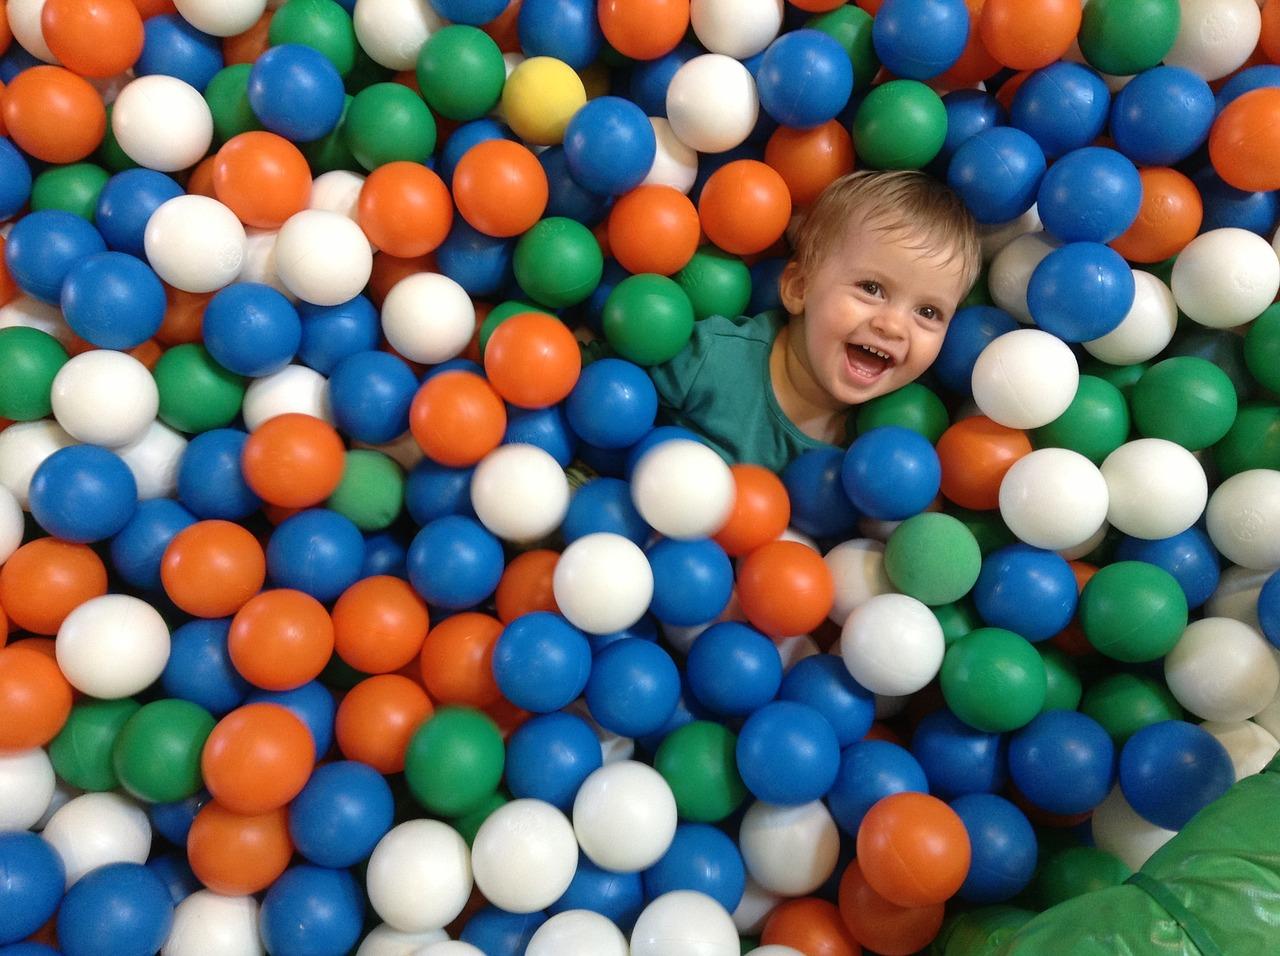 La piscine à balles est idéale pour les enfant dès 1 an.